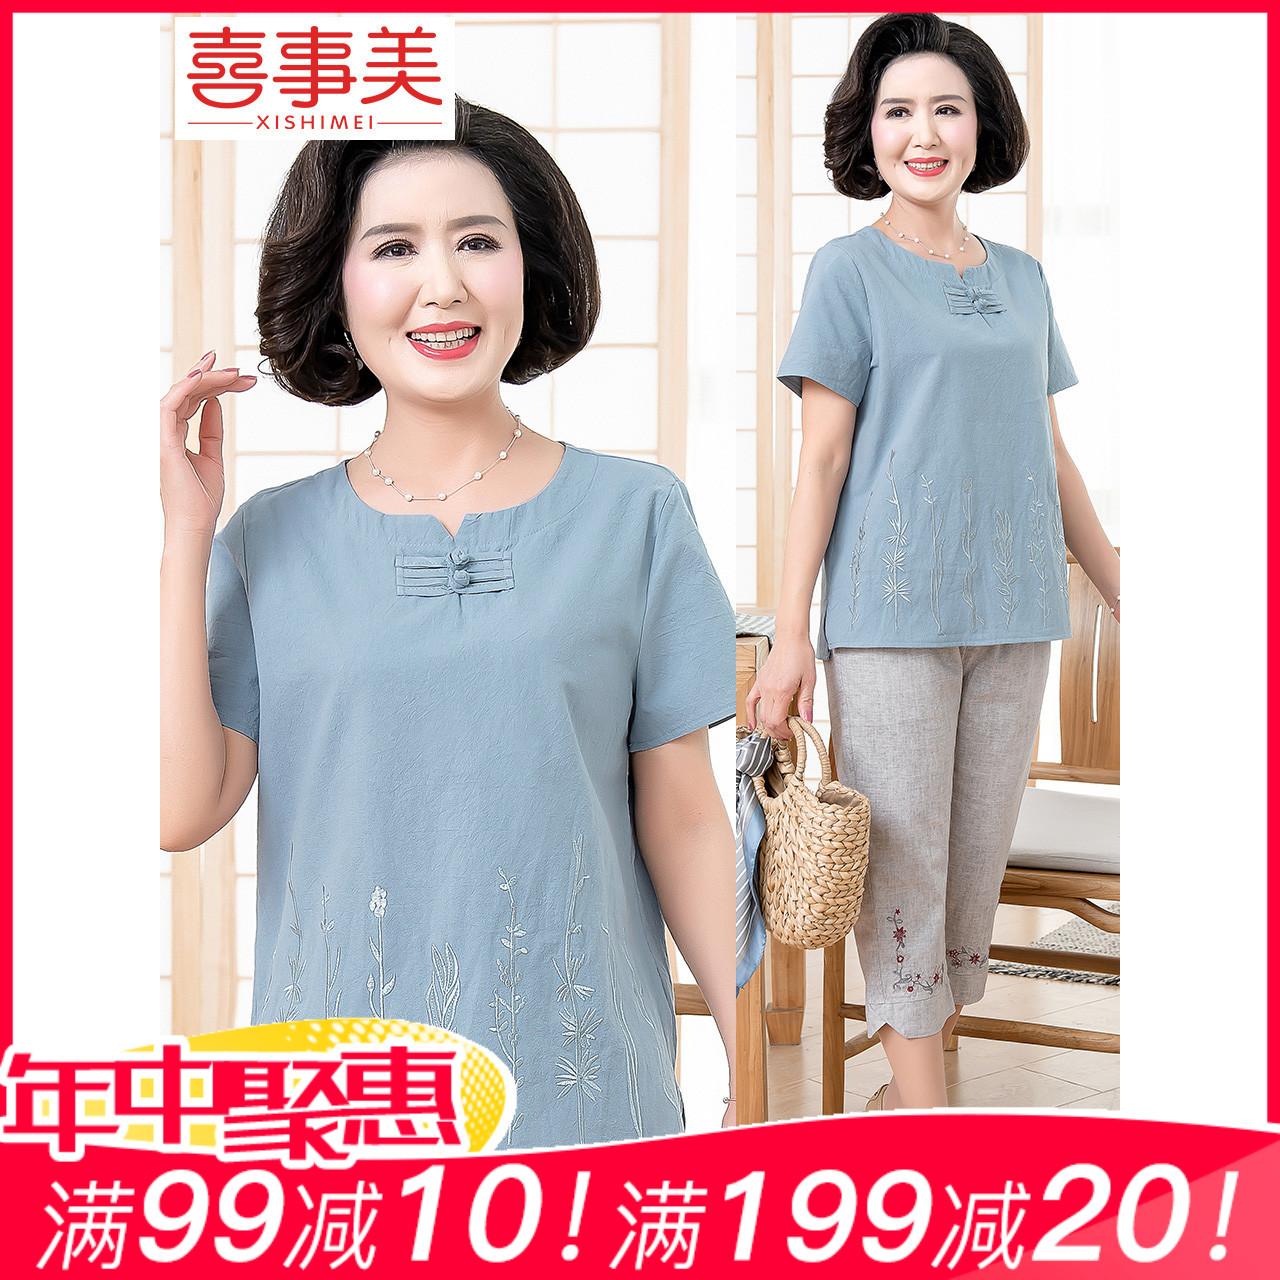 中老年套装女2019新款老人奶奶短袖T恤中年妈妈夏装衣服装两件套